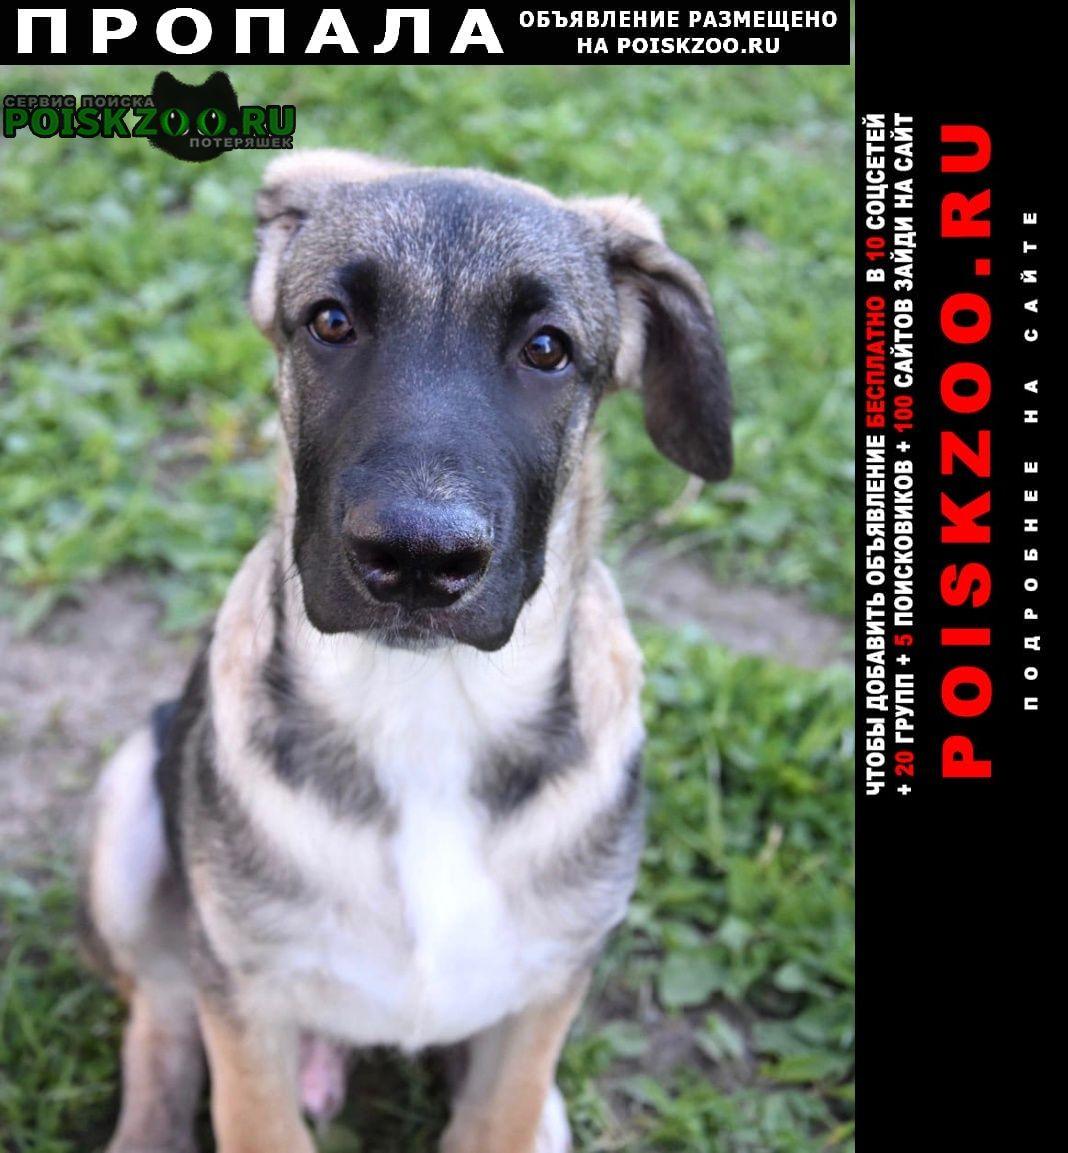 Пропала собака кобель щенок Москва